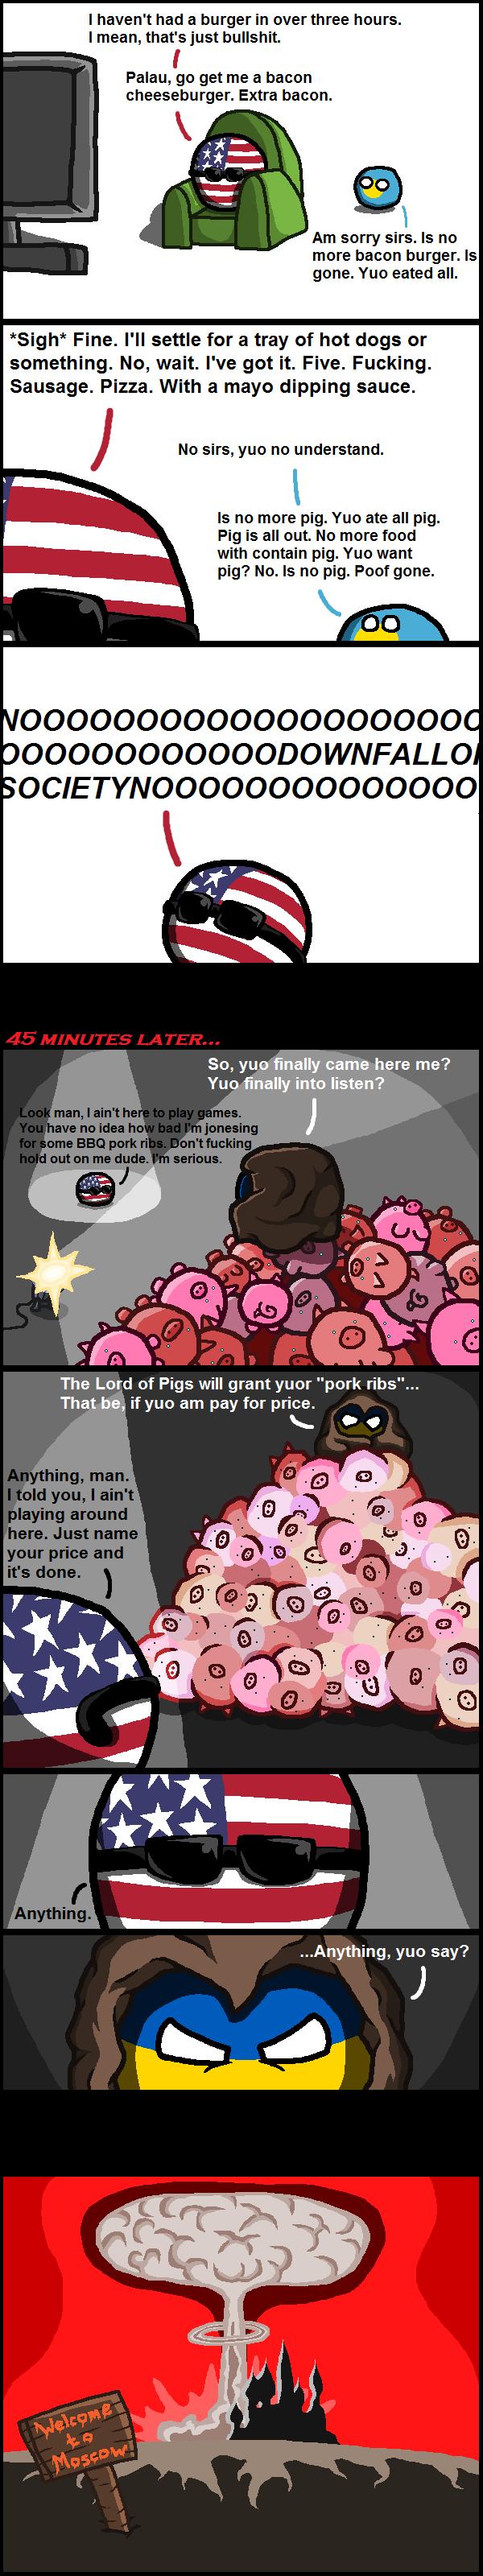 Daily Polandball: No More Pig